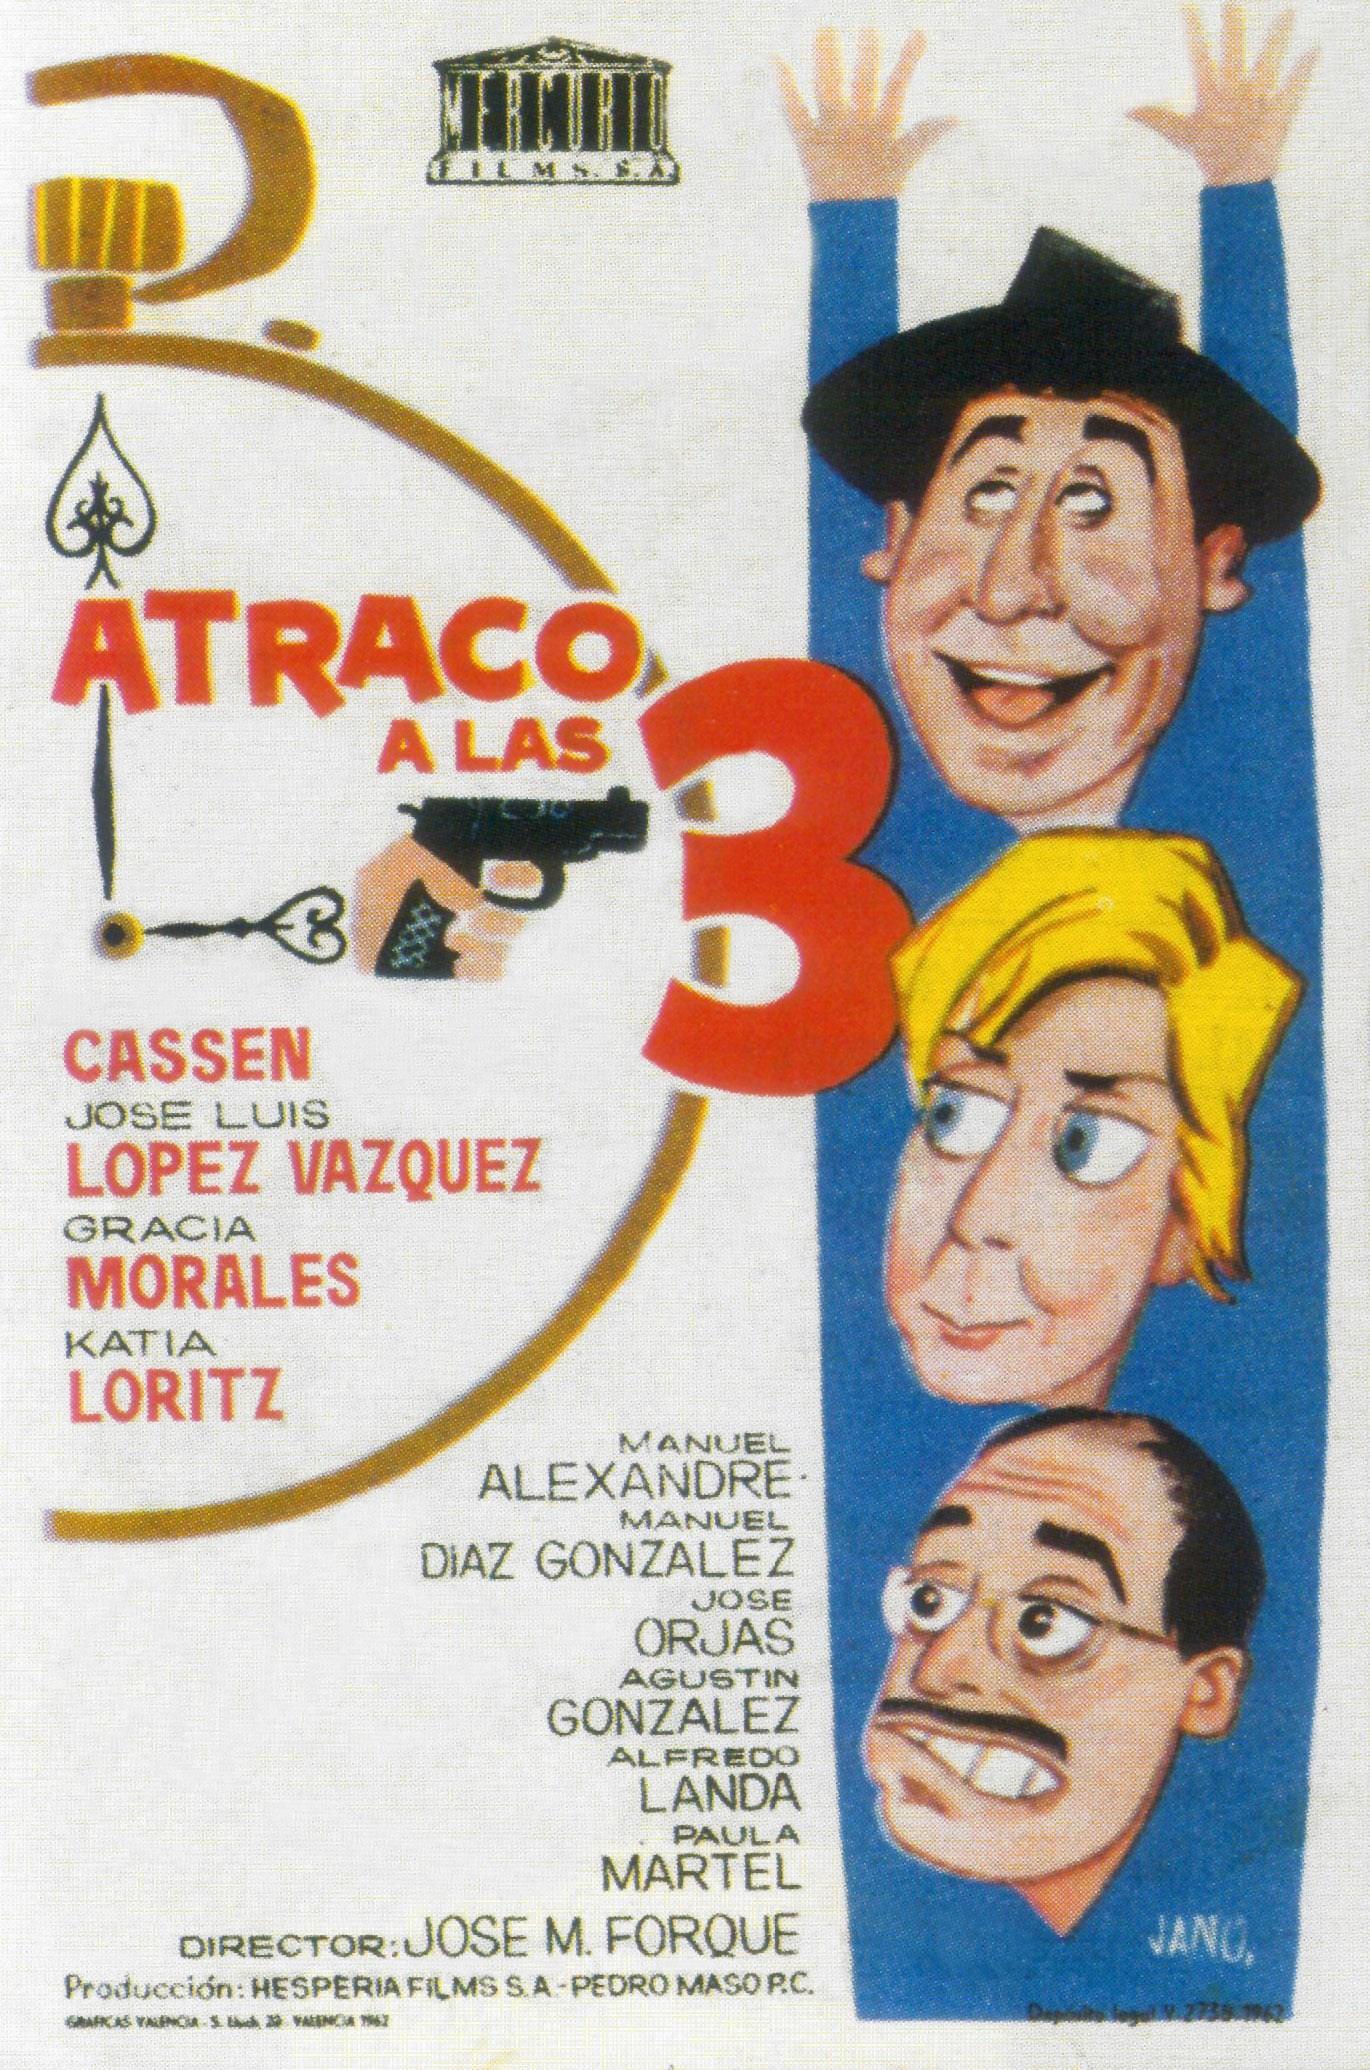 مشاهدة فيلم Atraco a las tres (1962)/ Robbery at 3 O'clock مترجم